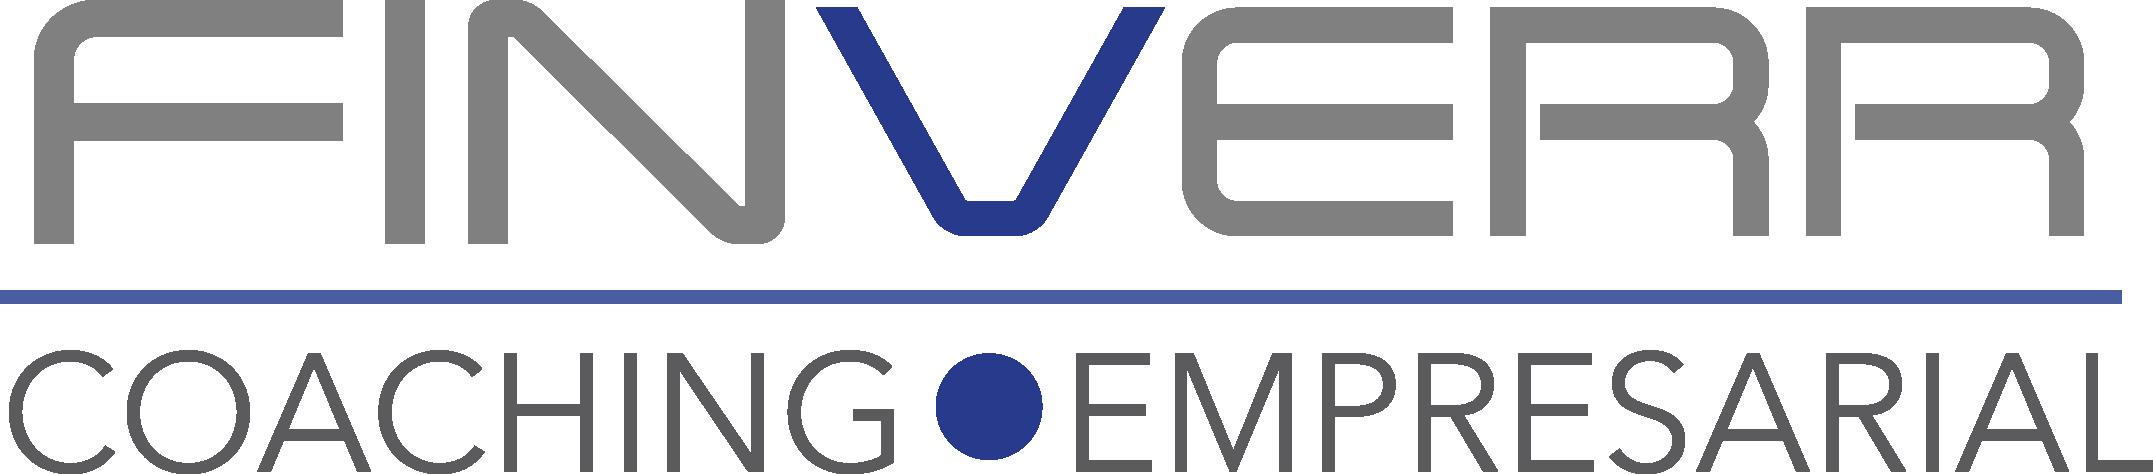 Finverr Coaching Empresarial